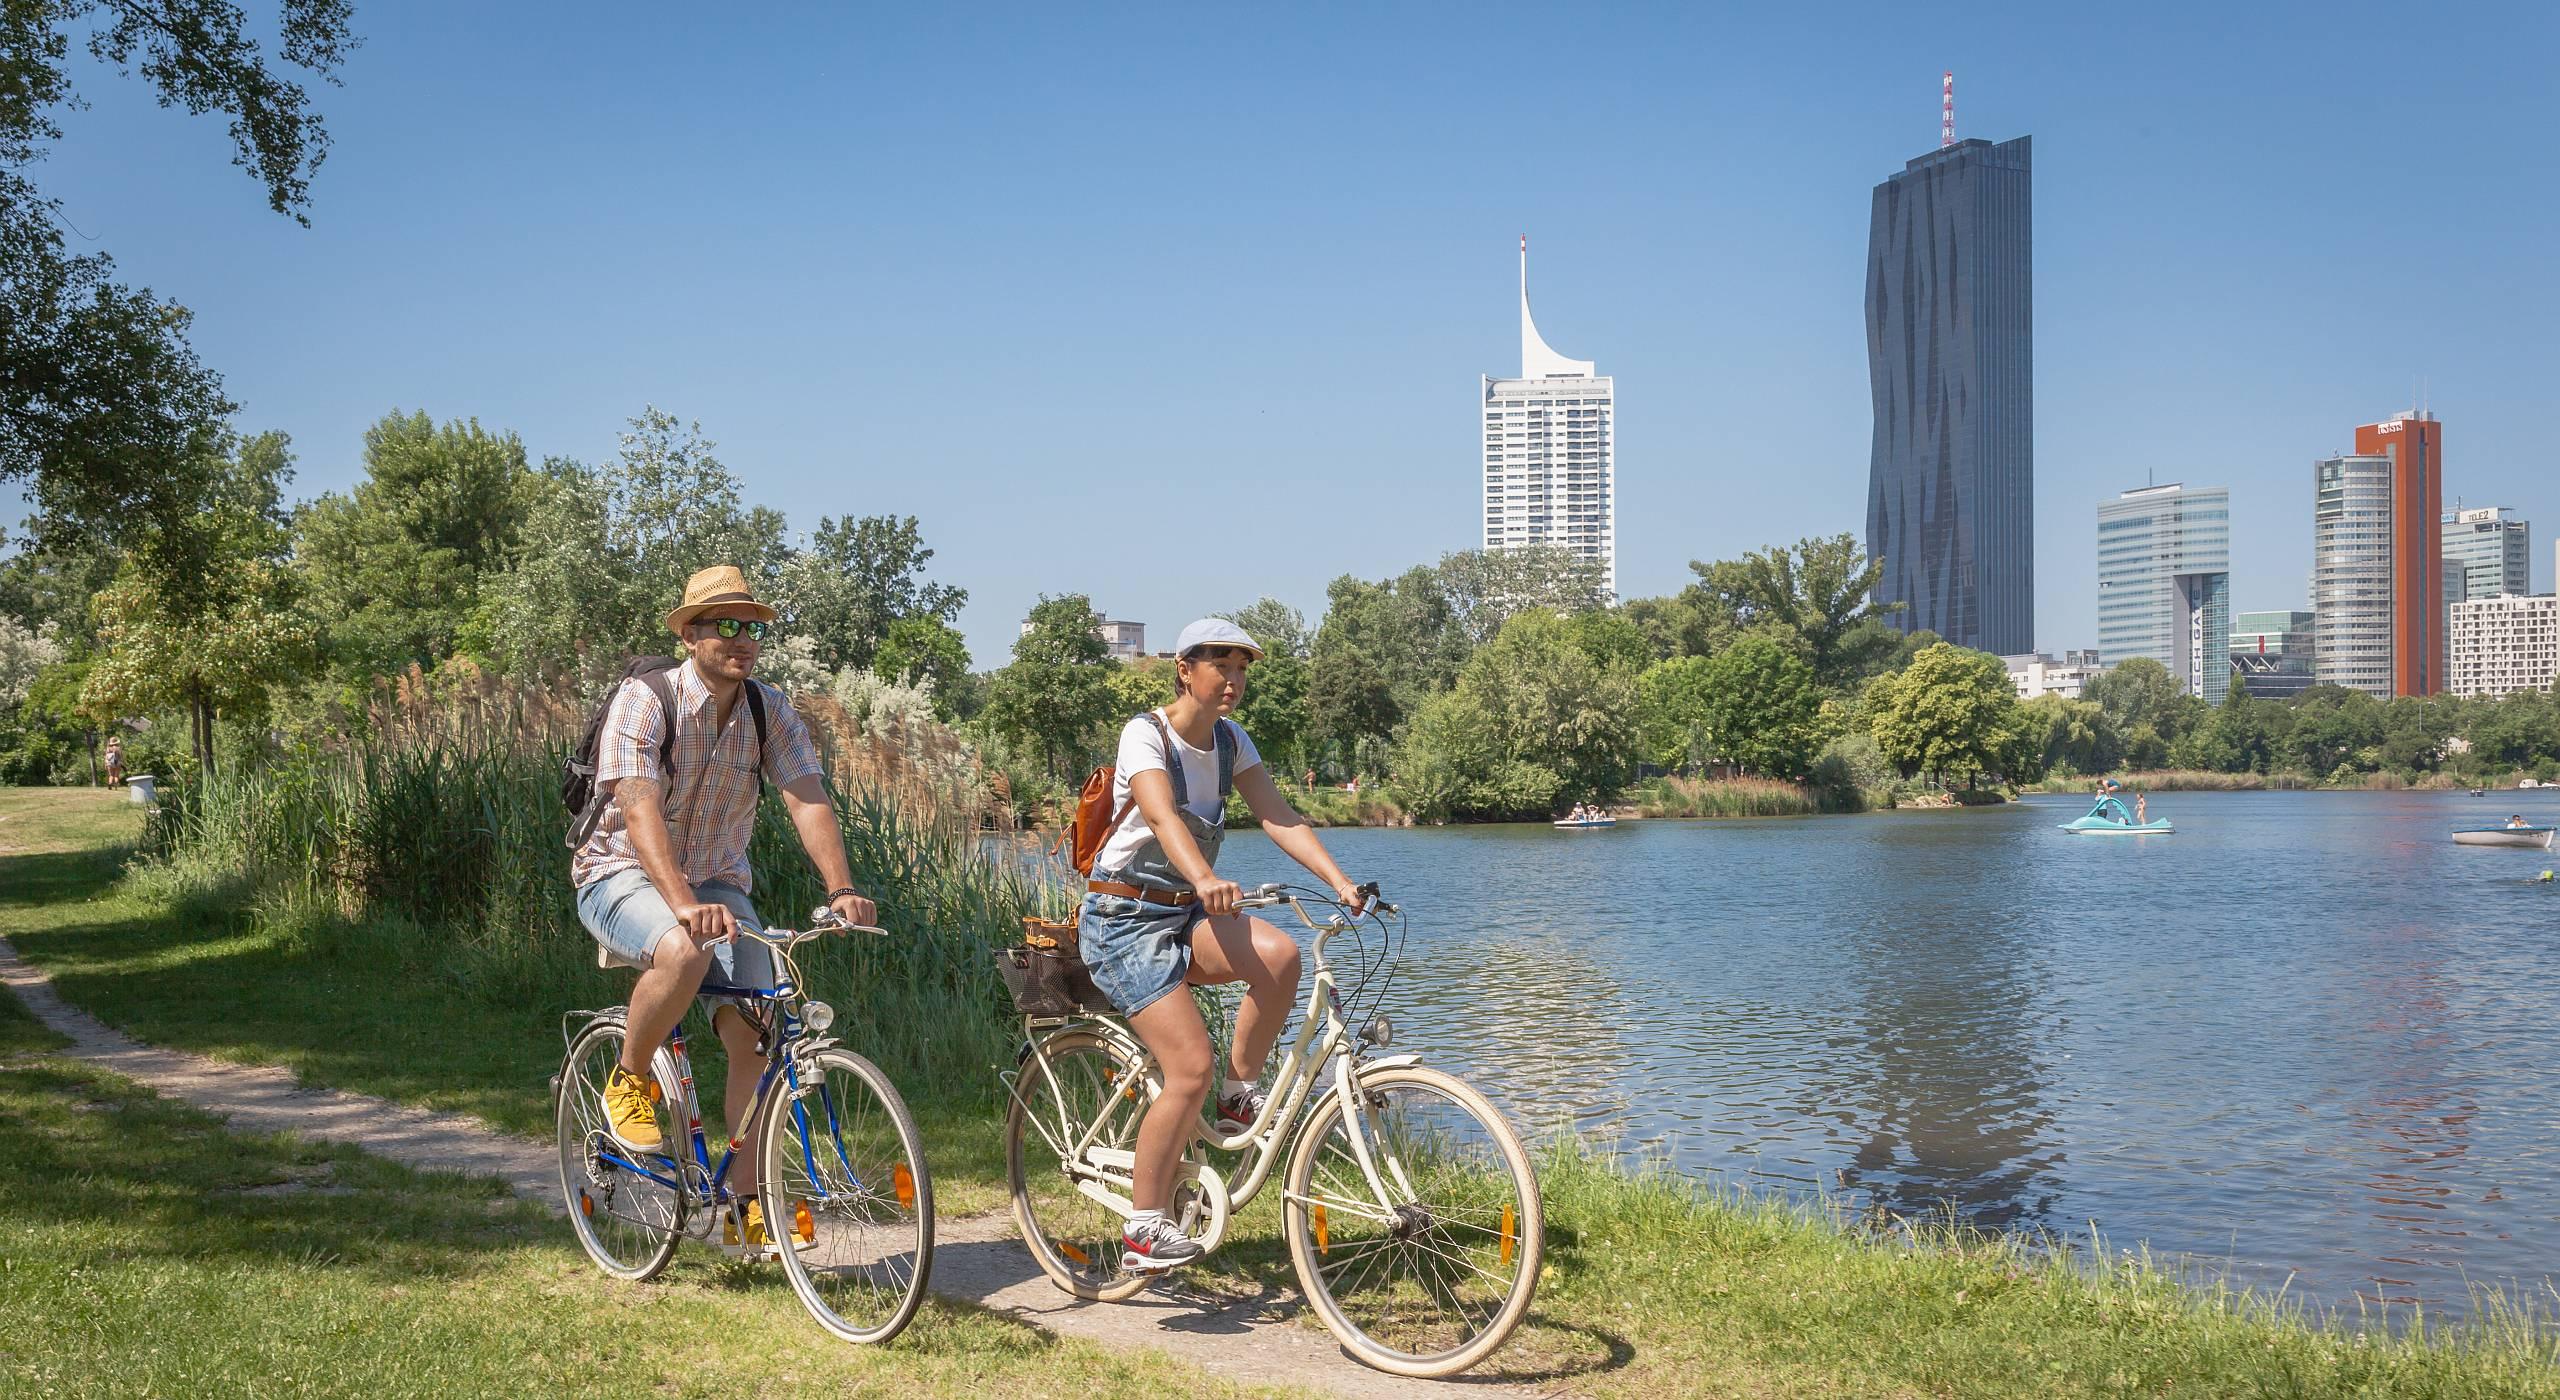 Ein junges Paar radelt an einem sonnigen Junitag am Kaiserwasser entlang.